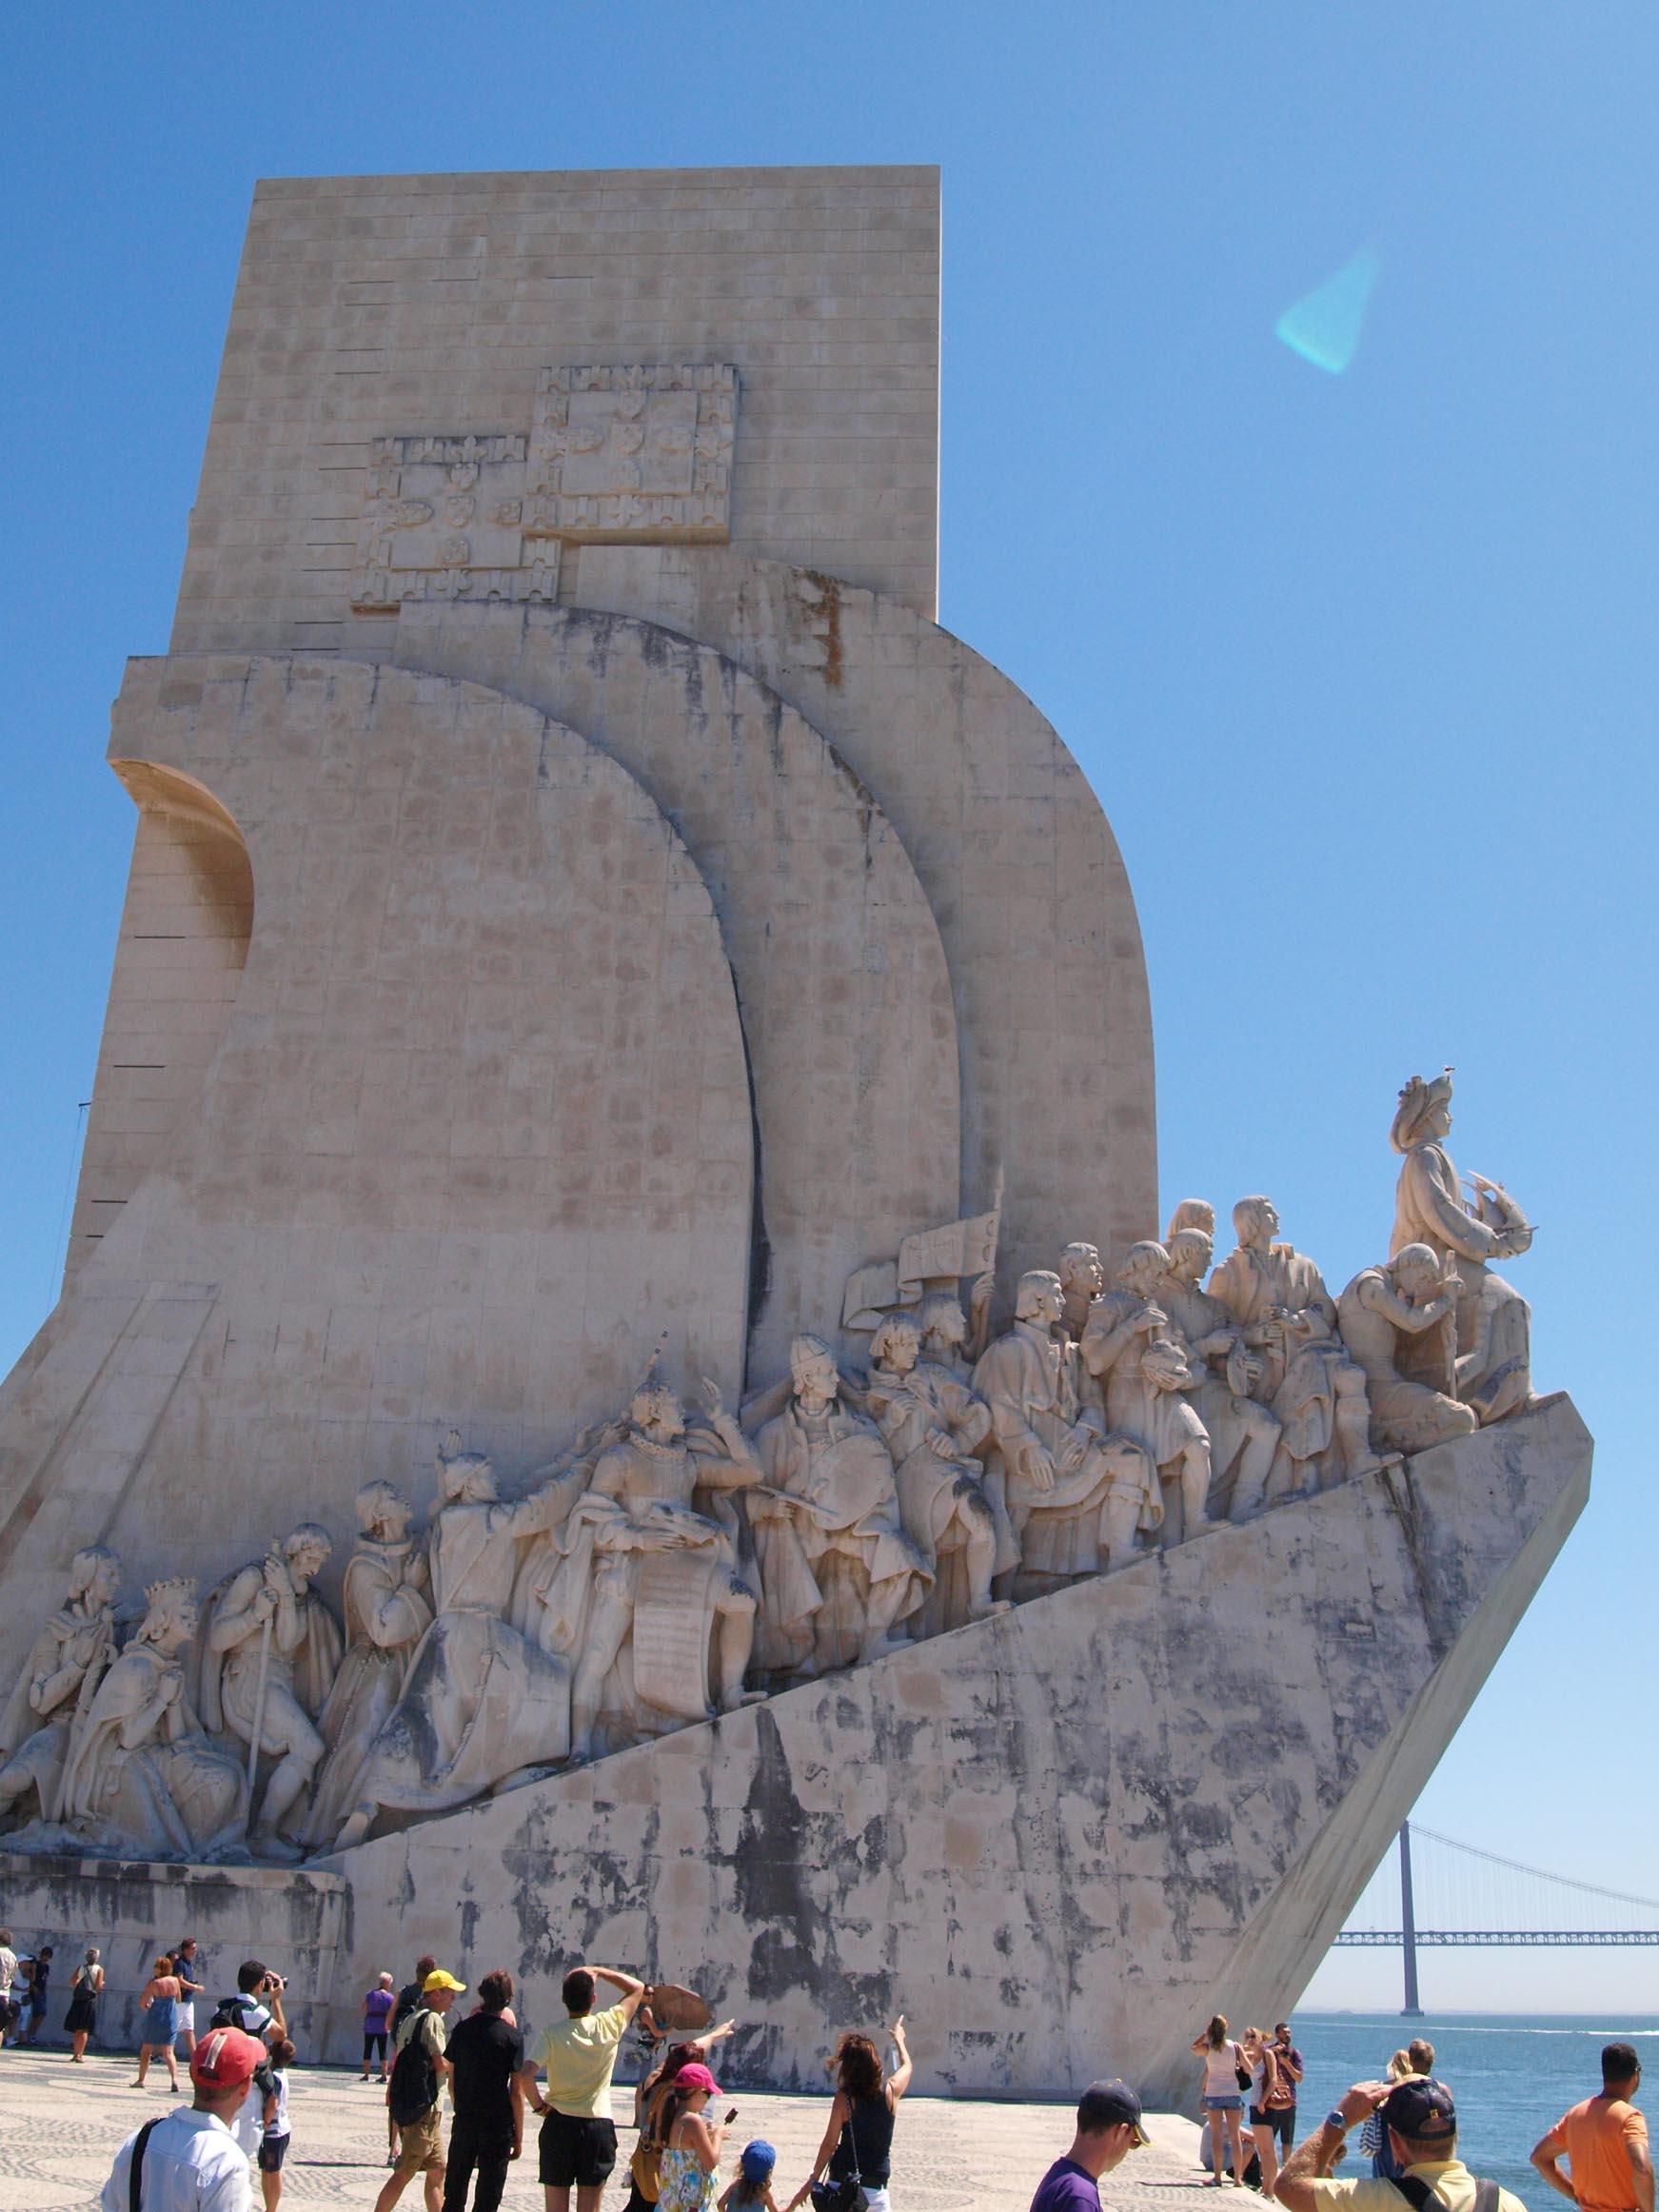 ポルトガル紀行ーーベレン地区観光_c0179785_17443757.jpg